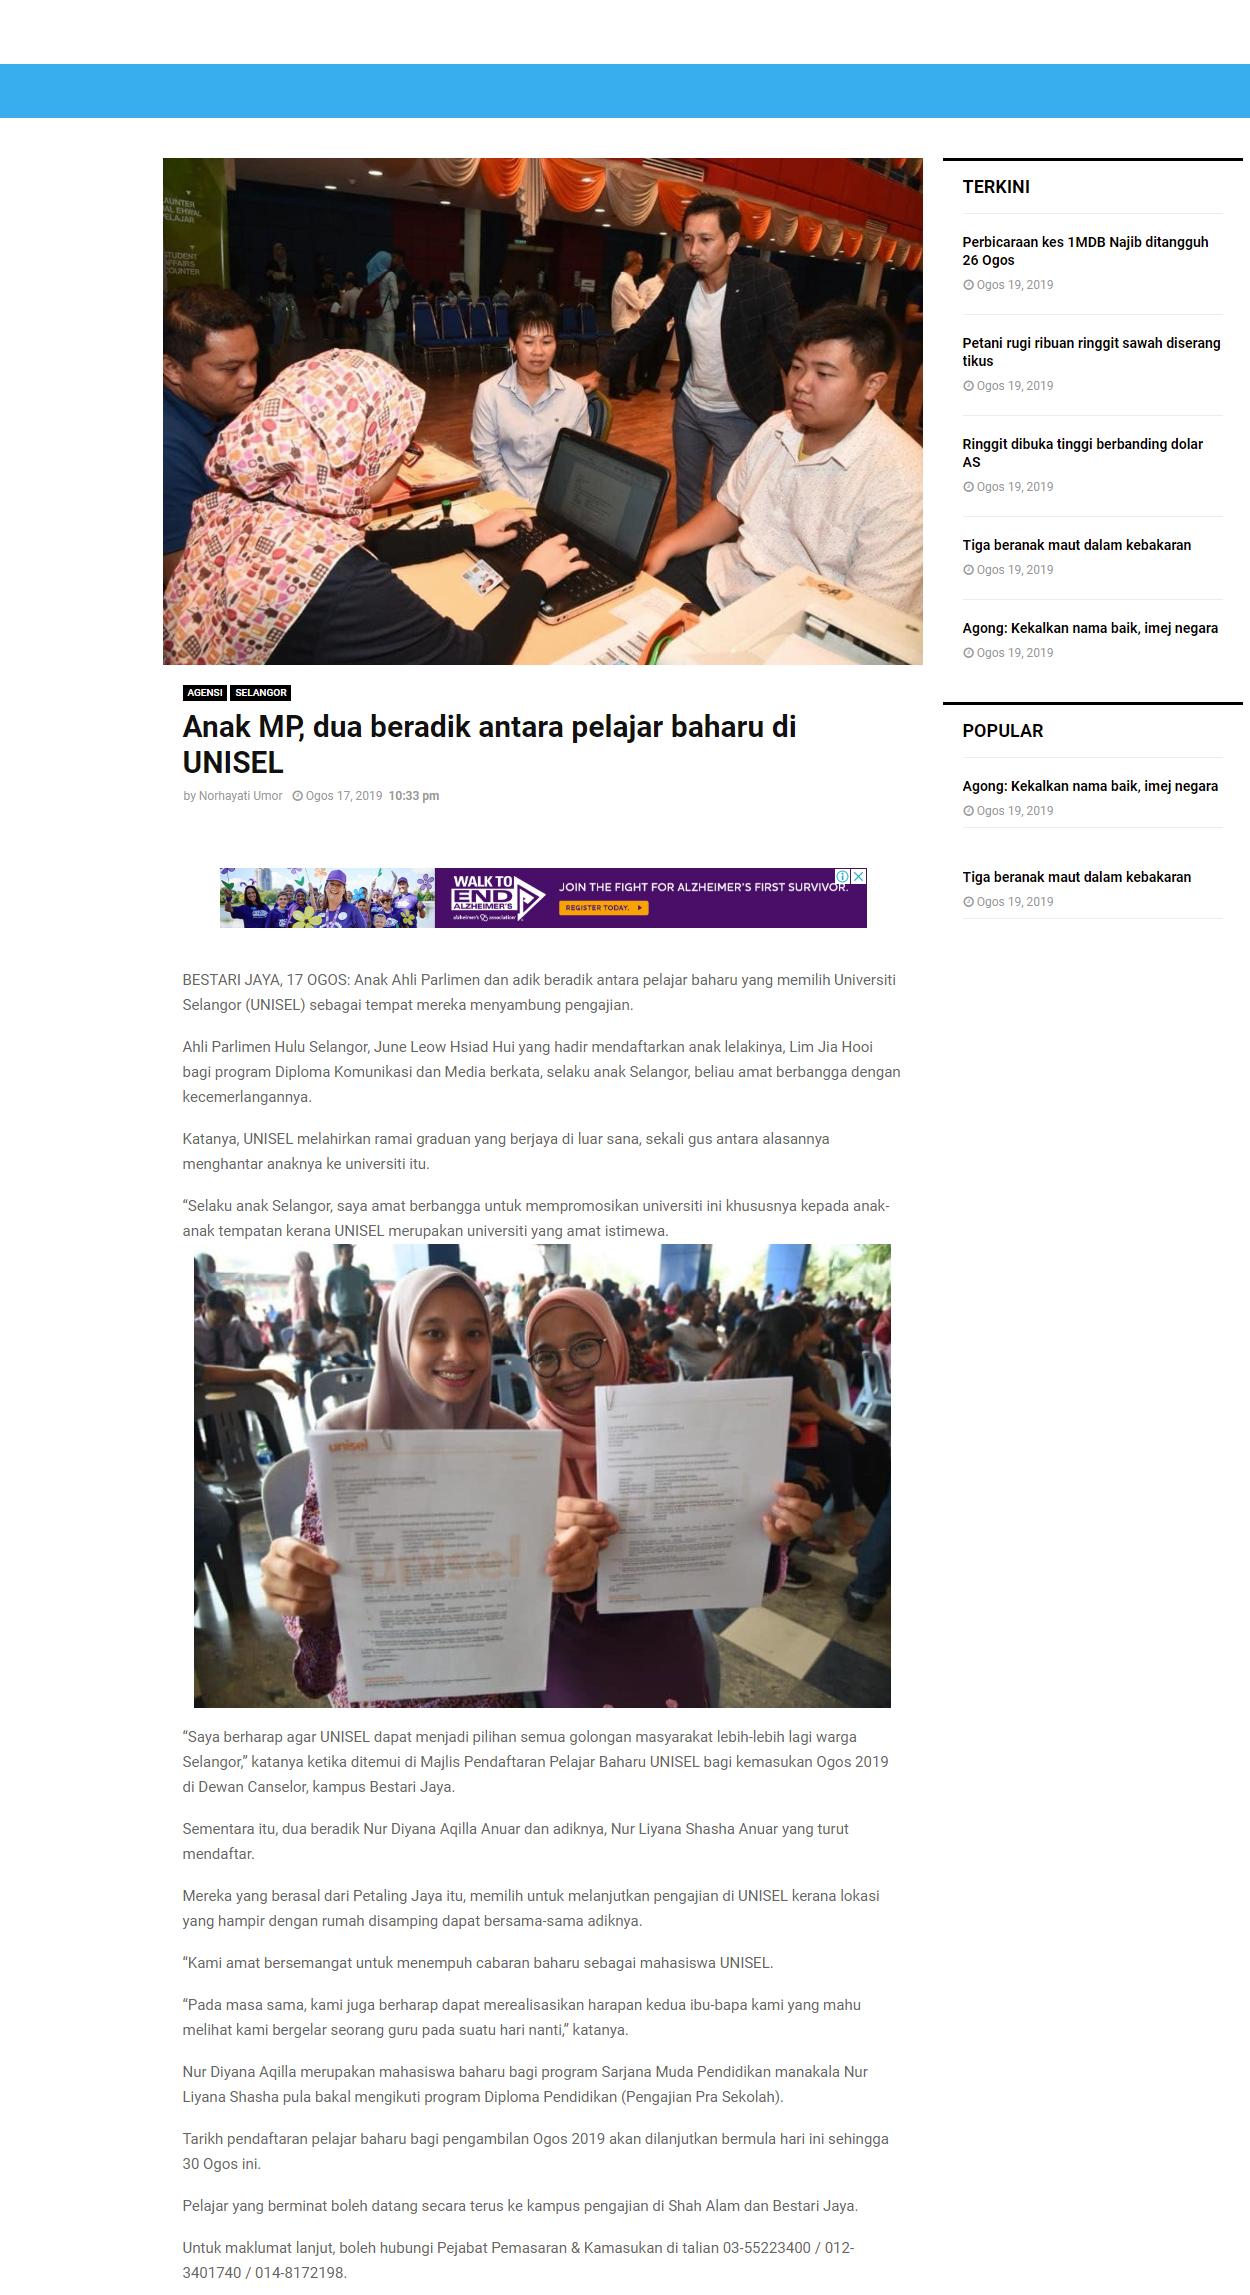 Selangor Kini (Online) 17 Ogos 2019